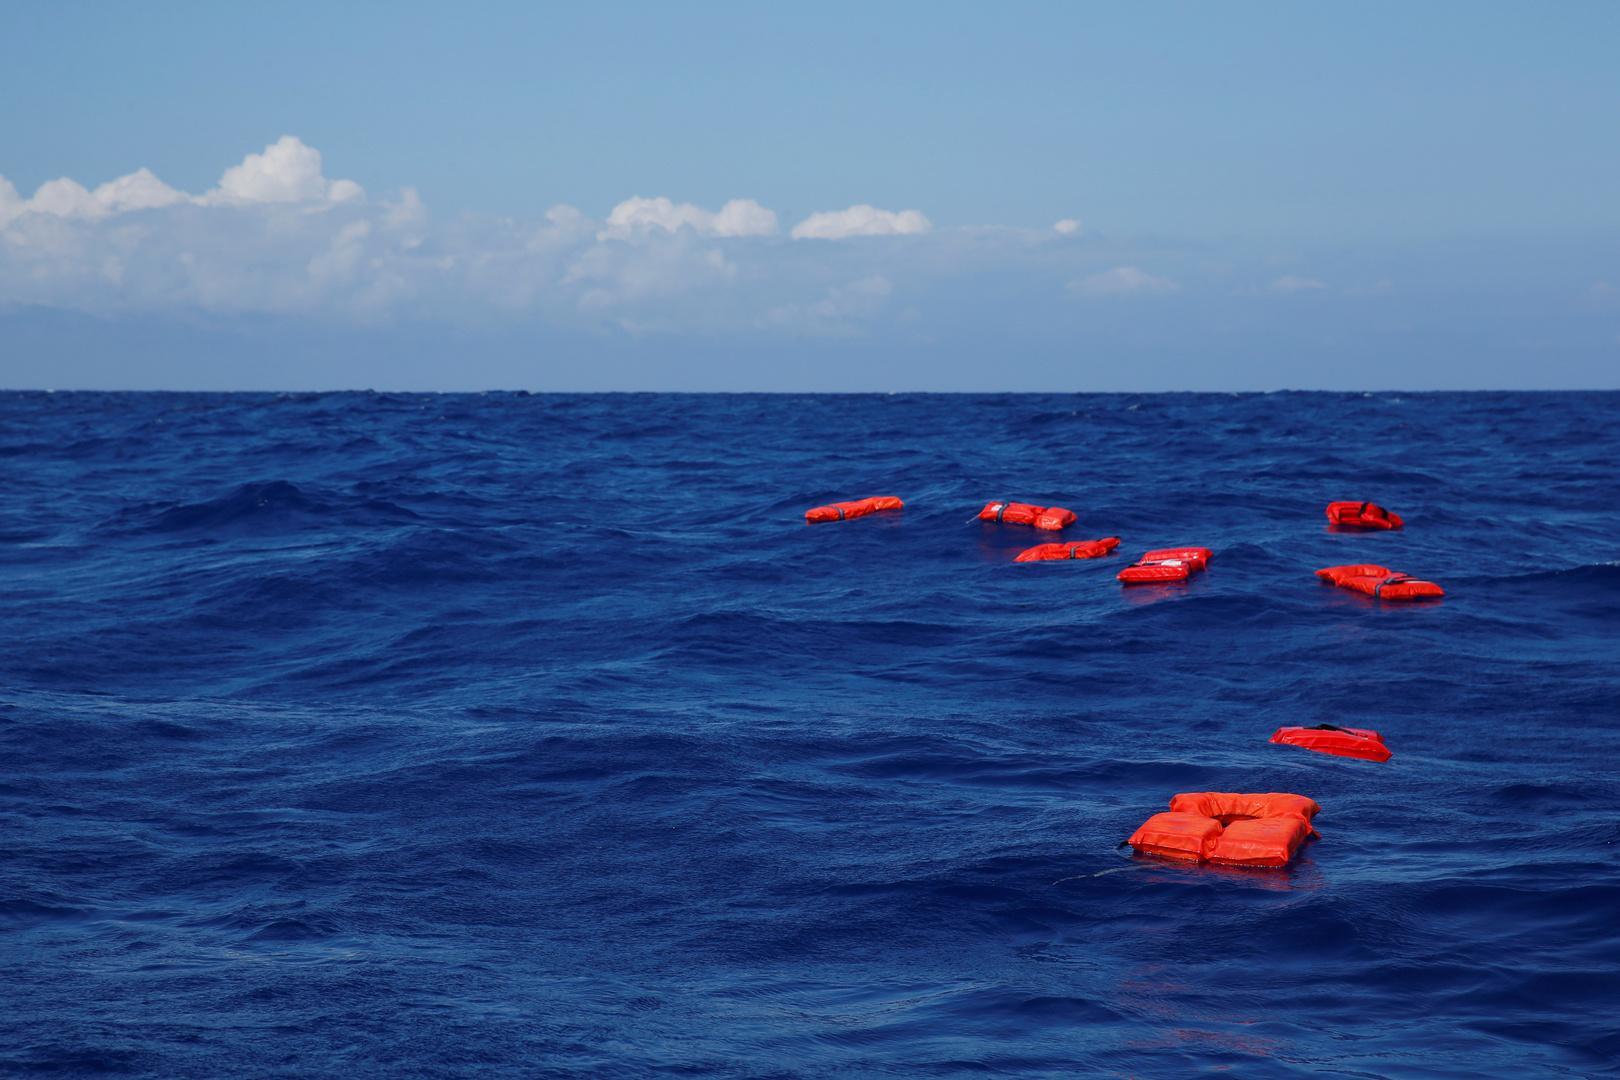 انتشال 15 جثة لمهاجرين في المتوسط قبالة السواحل الليبية